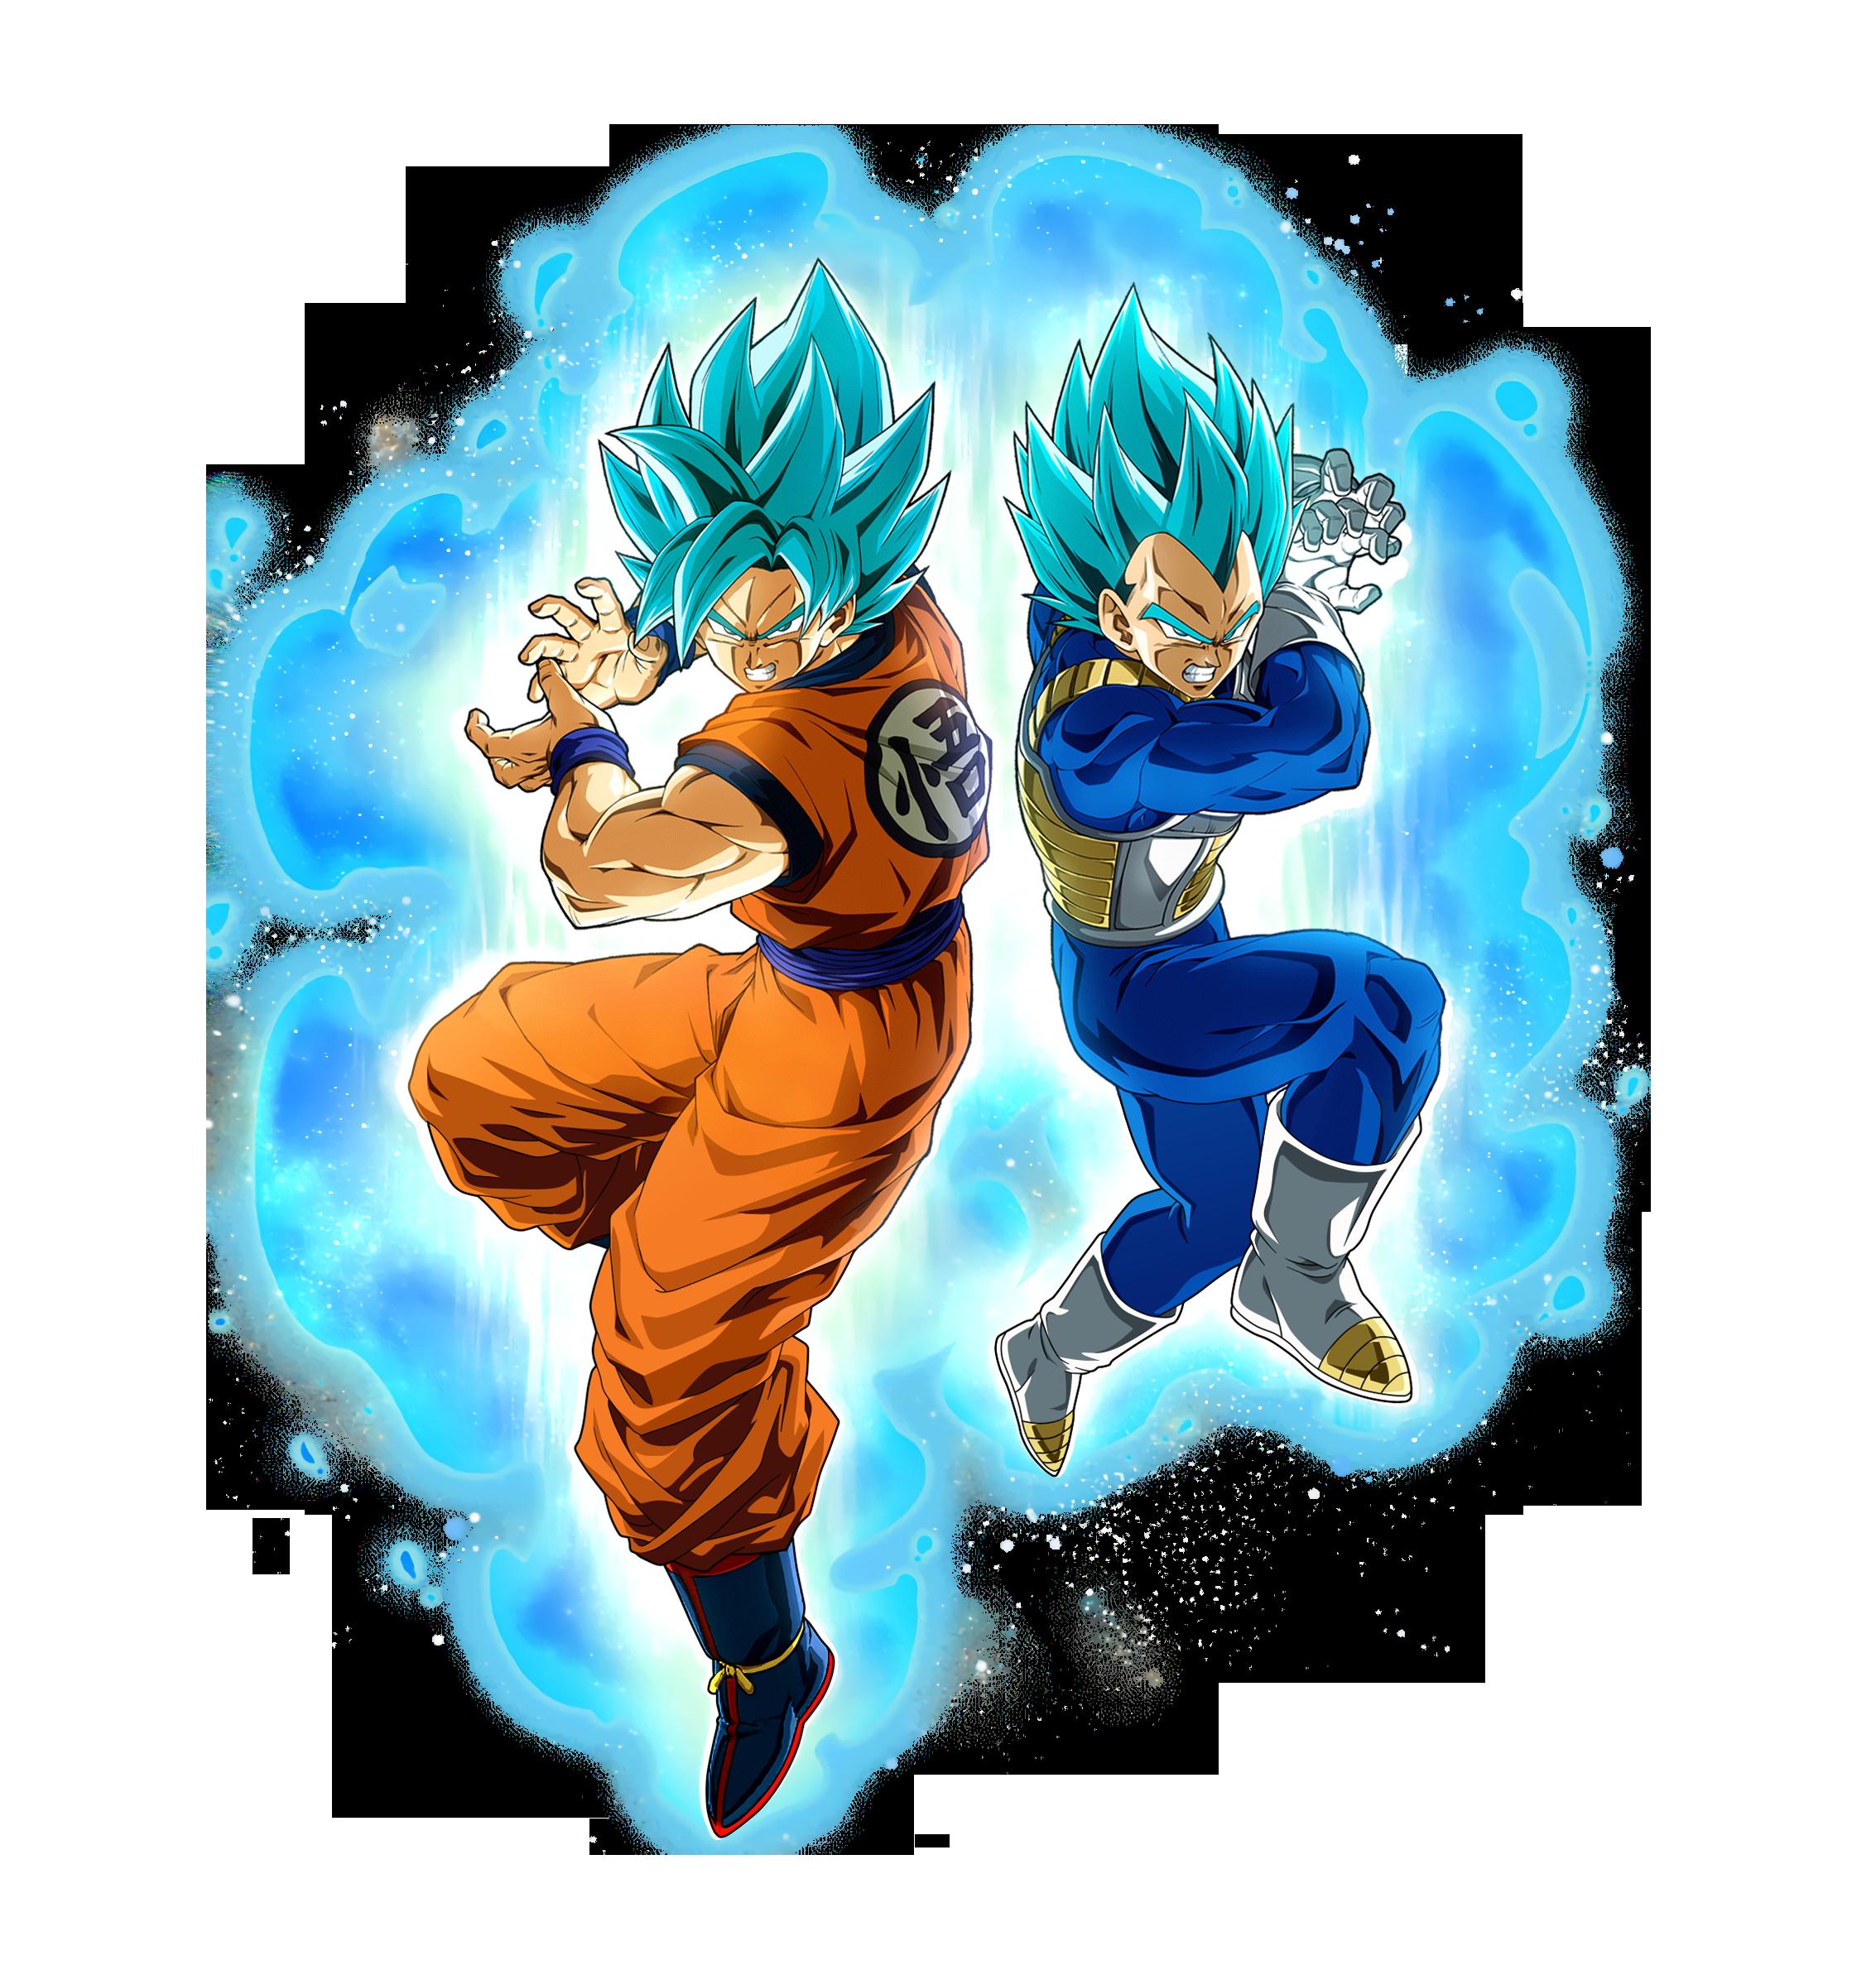 Goku Vegeta Ssgss Render 2 Dokkan Battle By Maxiuchiha22 On Deviantart Anime Dragon Ball Super Dragon Ball Super Manga Anime Dragon Ball